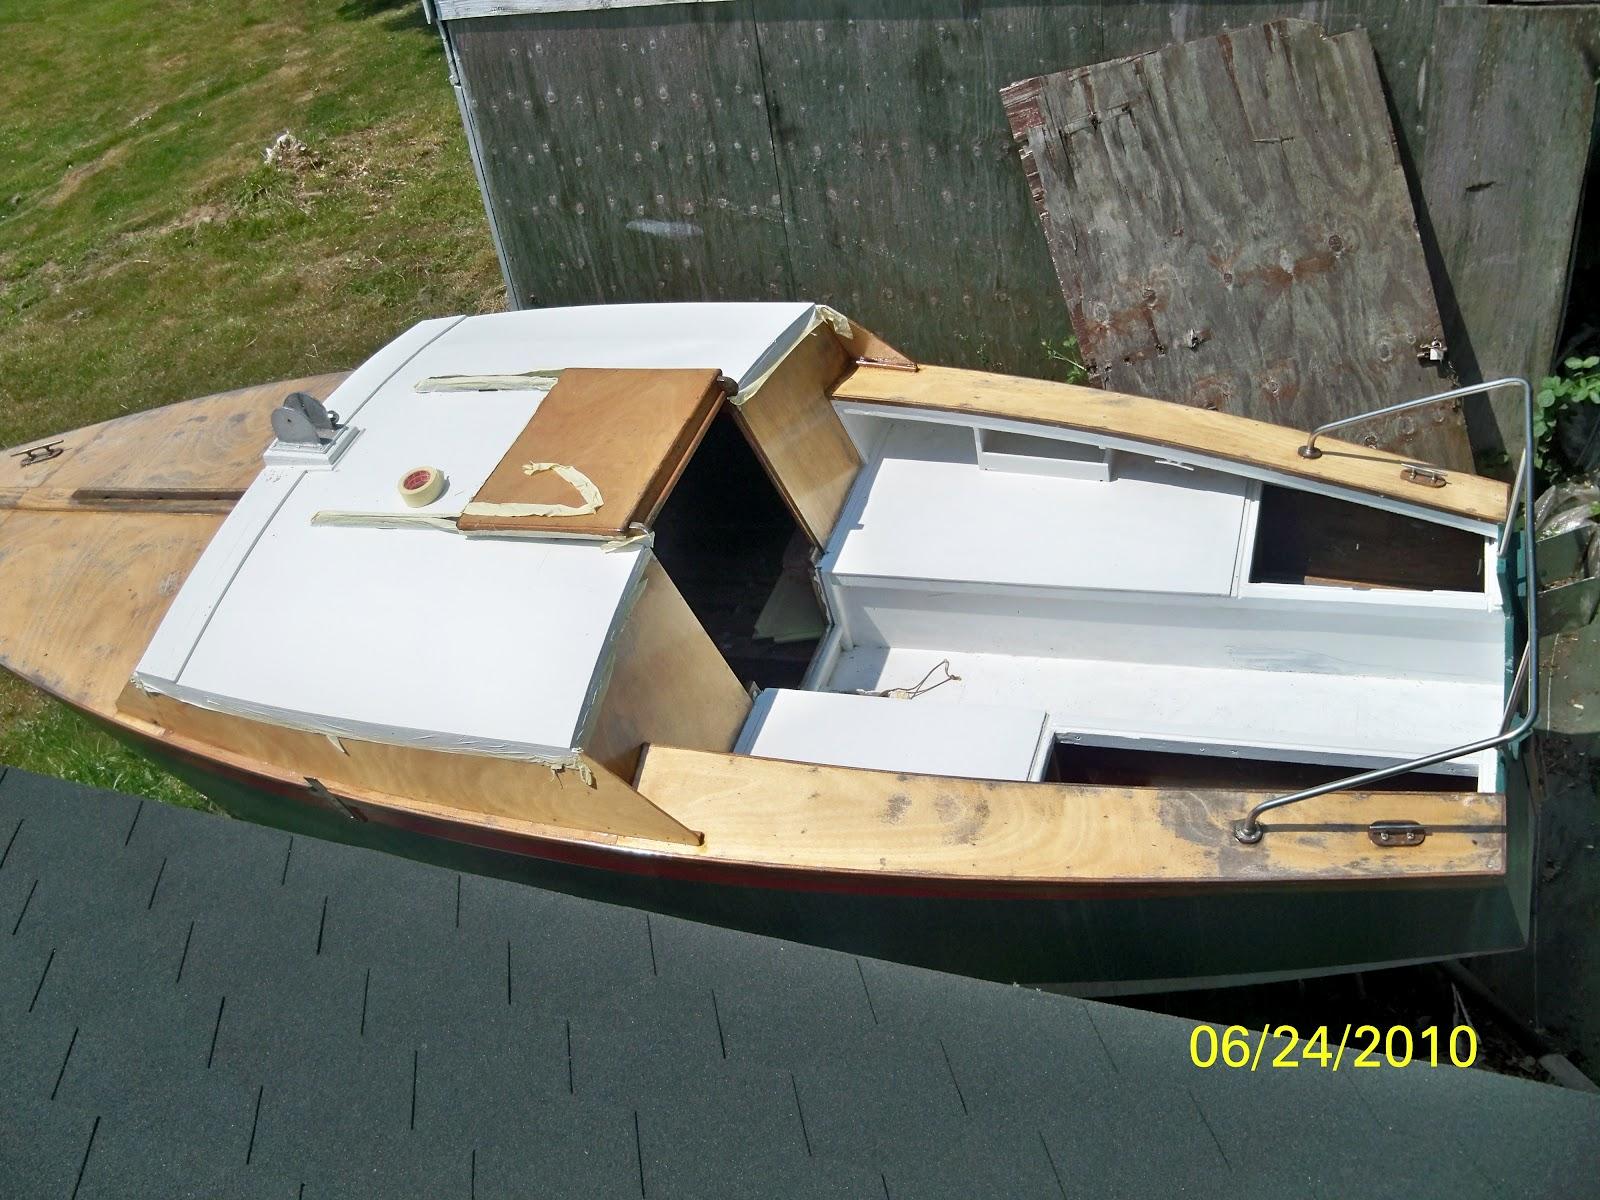 le corsaire petit voilier grands souvenirs corsaire a vendre. Black Bedroom Furniture Sets. Home Design Ideas